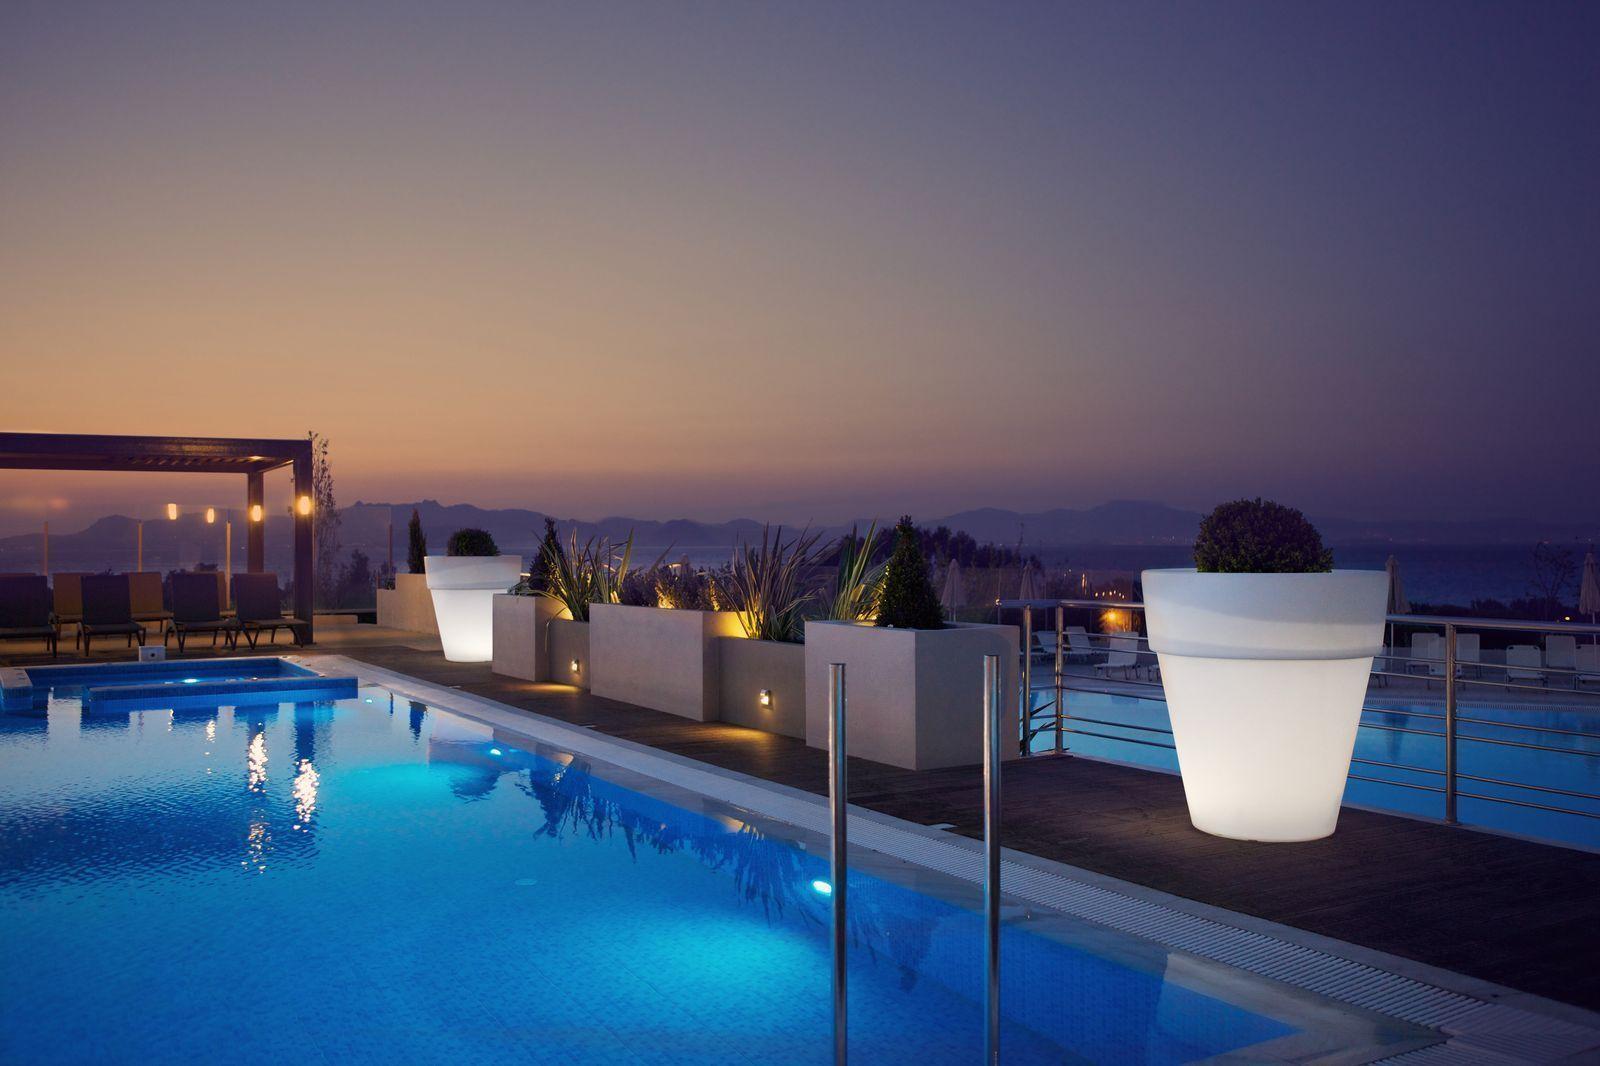 Kipriotis Panorama Suites Hotel in Kos pool by night.jpeg